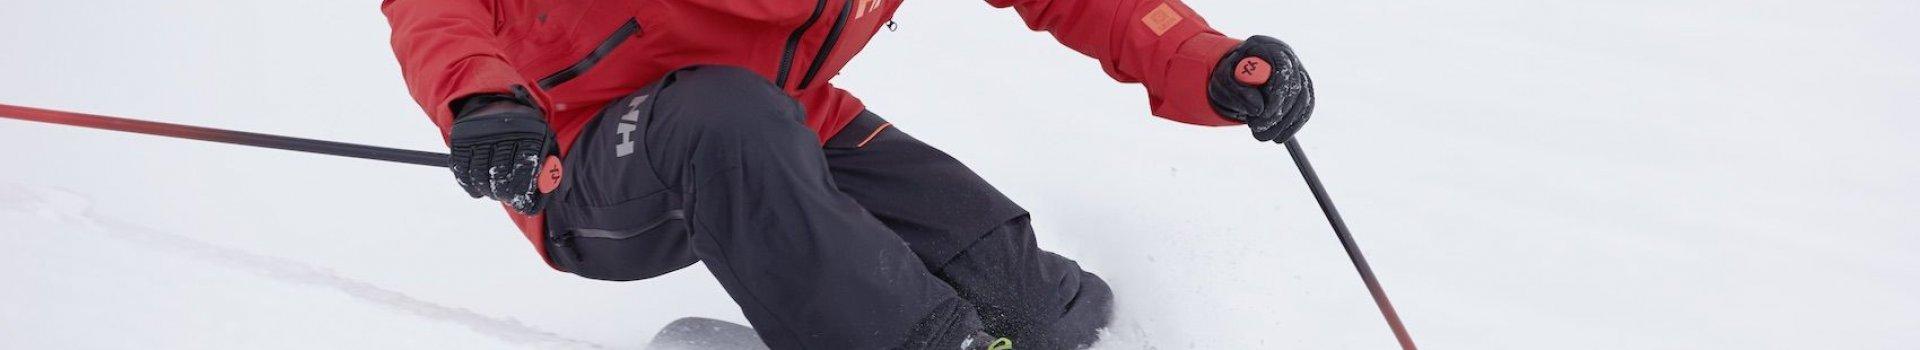 Jak dobrać kijki narciarskie?